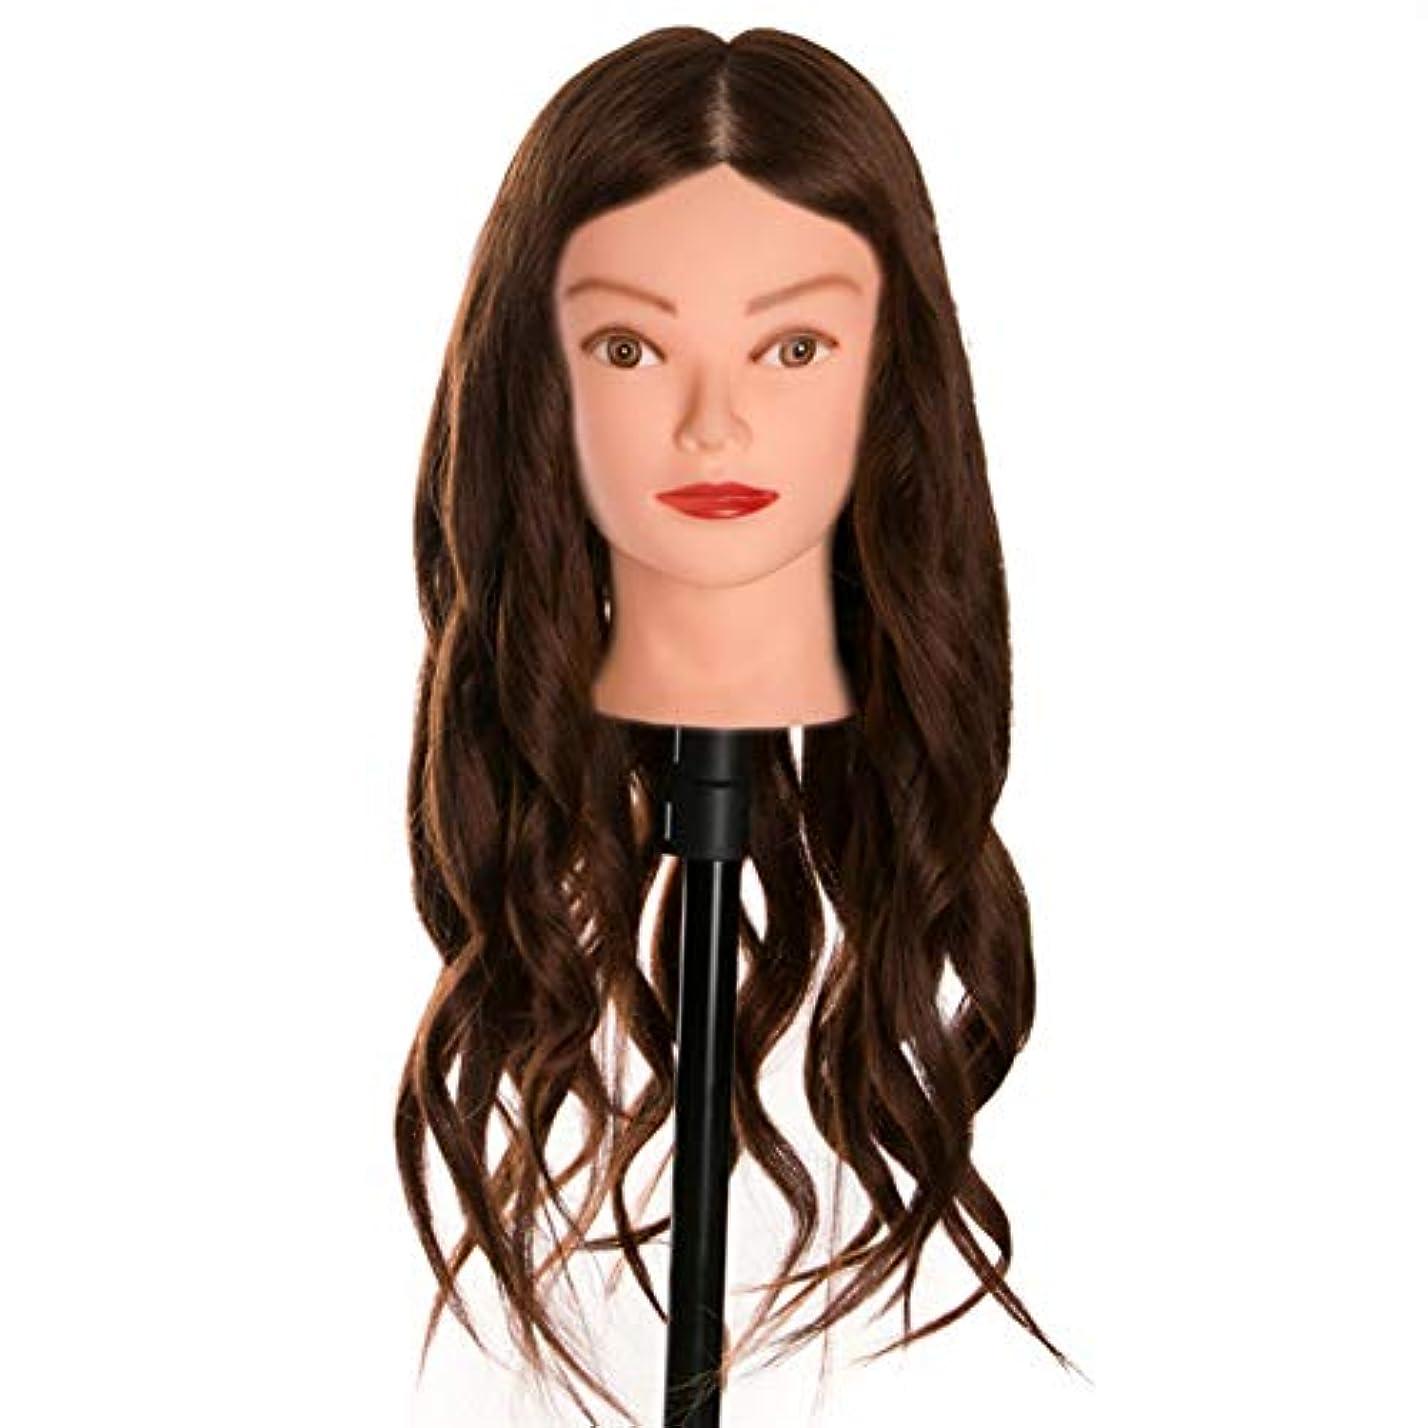 追加情熱そこ理髪サロンエクササイズヘッド金型メイクディスクヘアスタイリング編み教育ダミーヘッドヘアカットトレーニングかつら金型3個